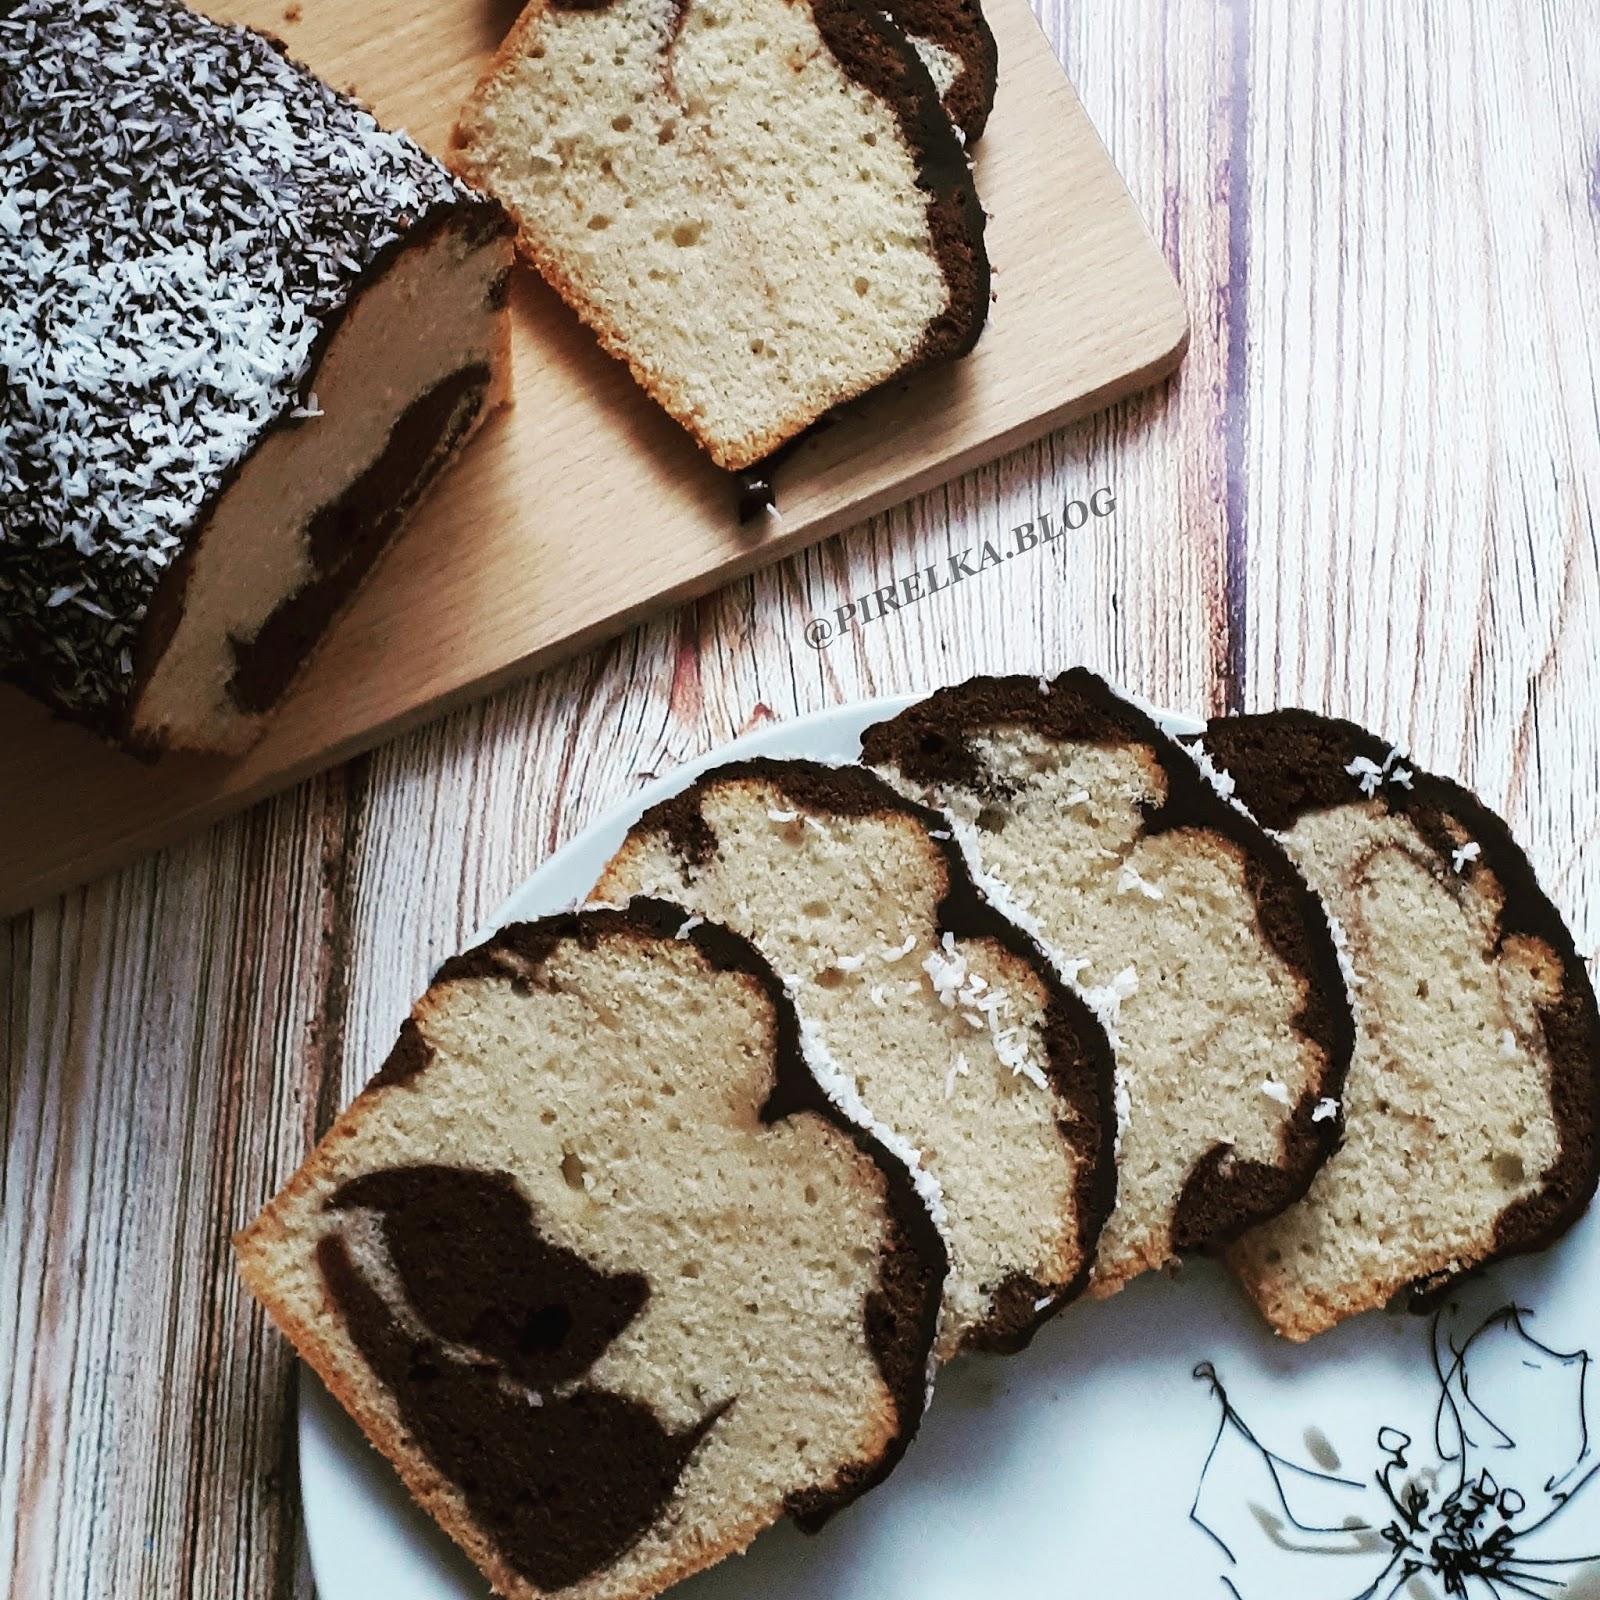 Kulinarnie po raz drugi - 'Zebra' czyli proste ciasto ucierane